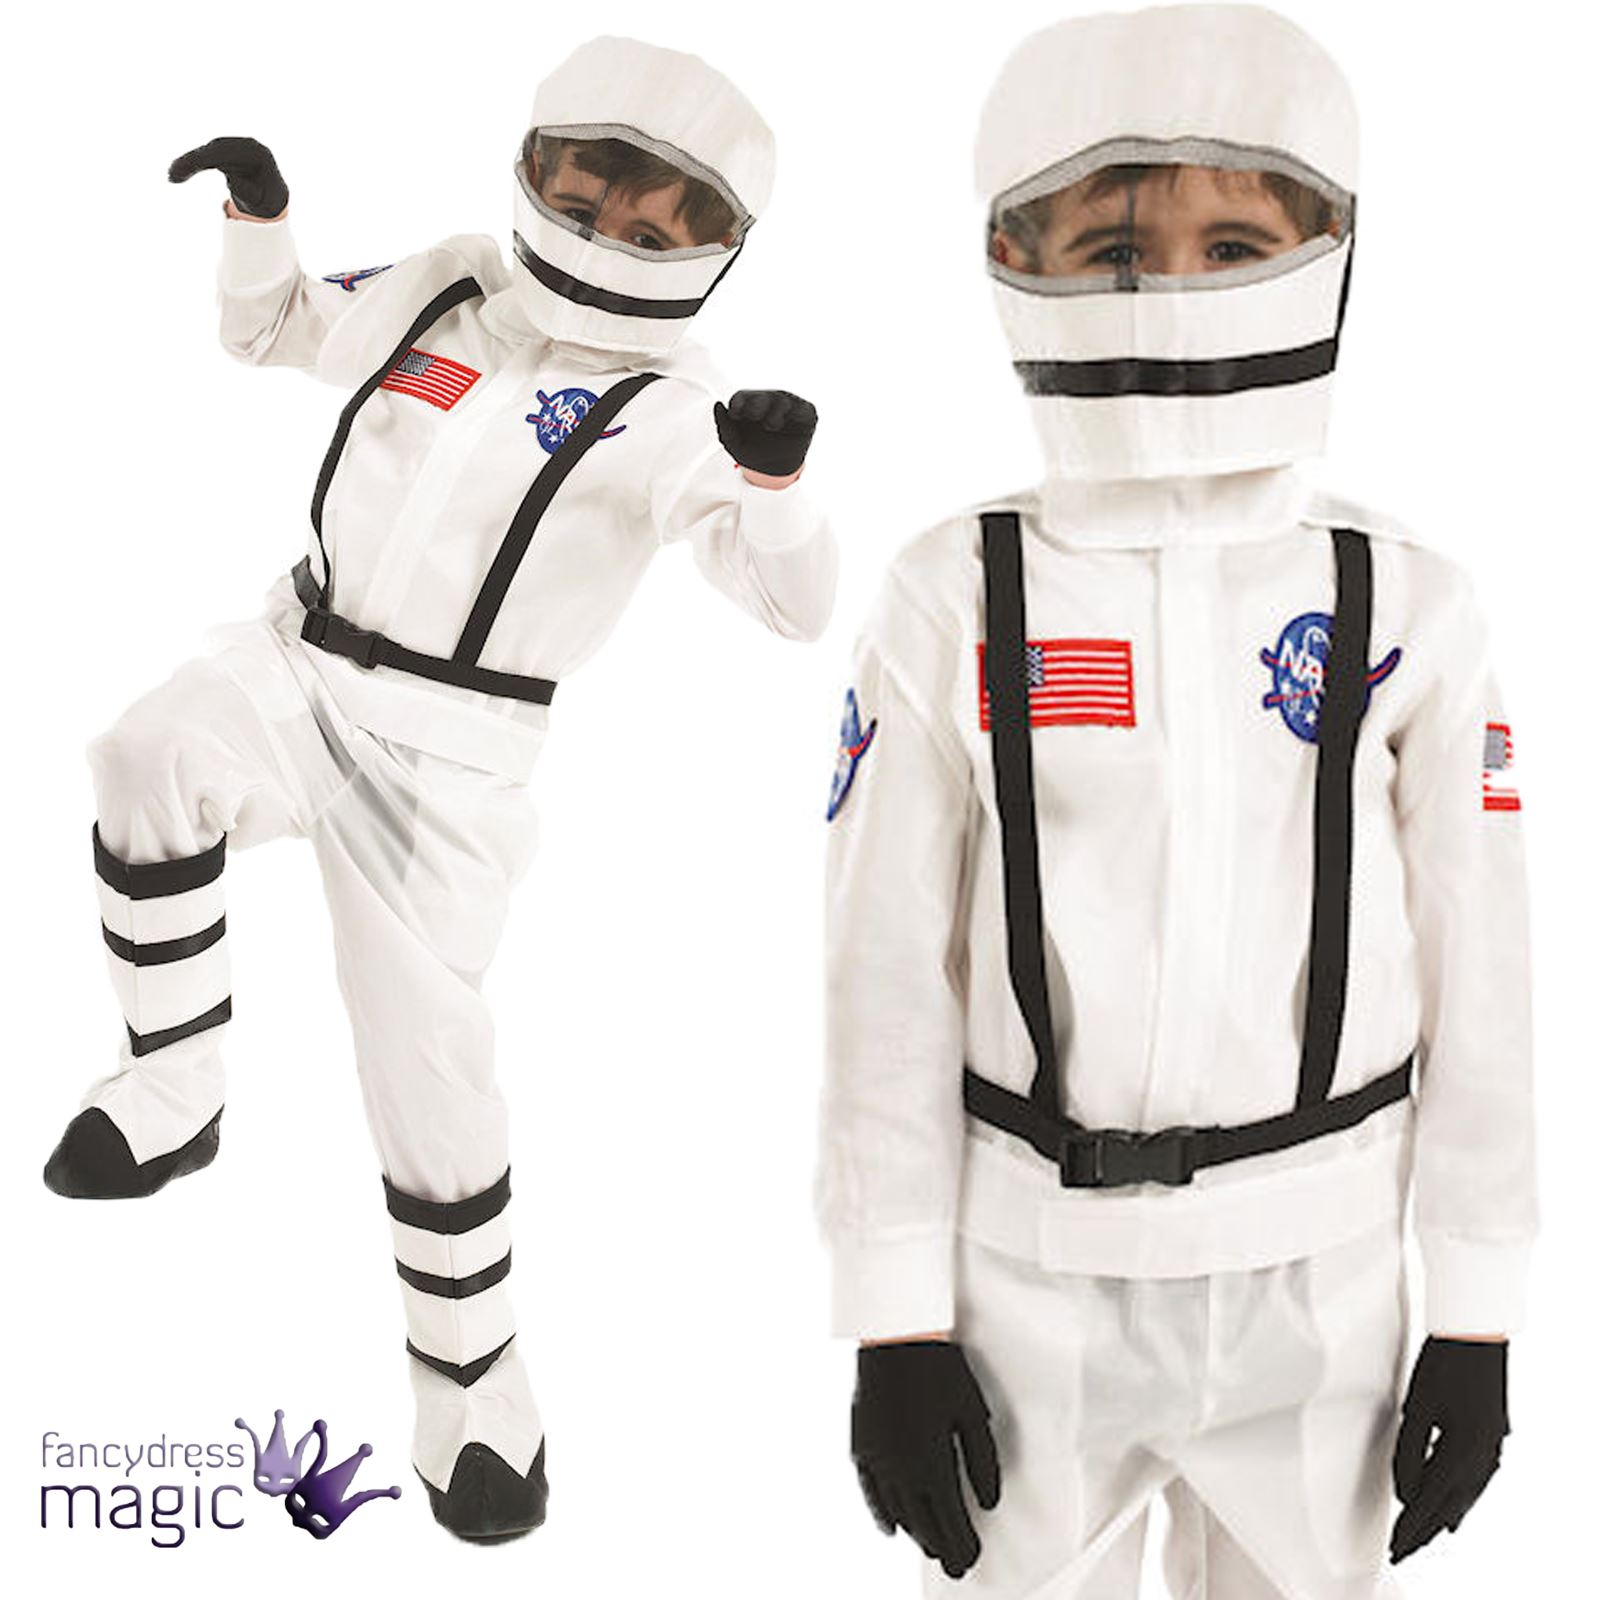 kinder kinder fach junge mann anzug nasa astronaut kost m kleid outfit helm ebay. Black Bedroom Furniture Sets. Home Design Ideas